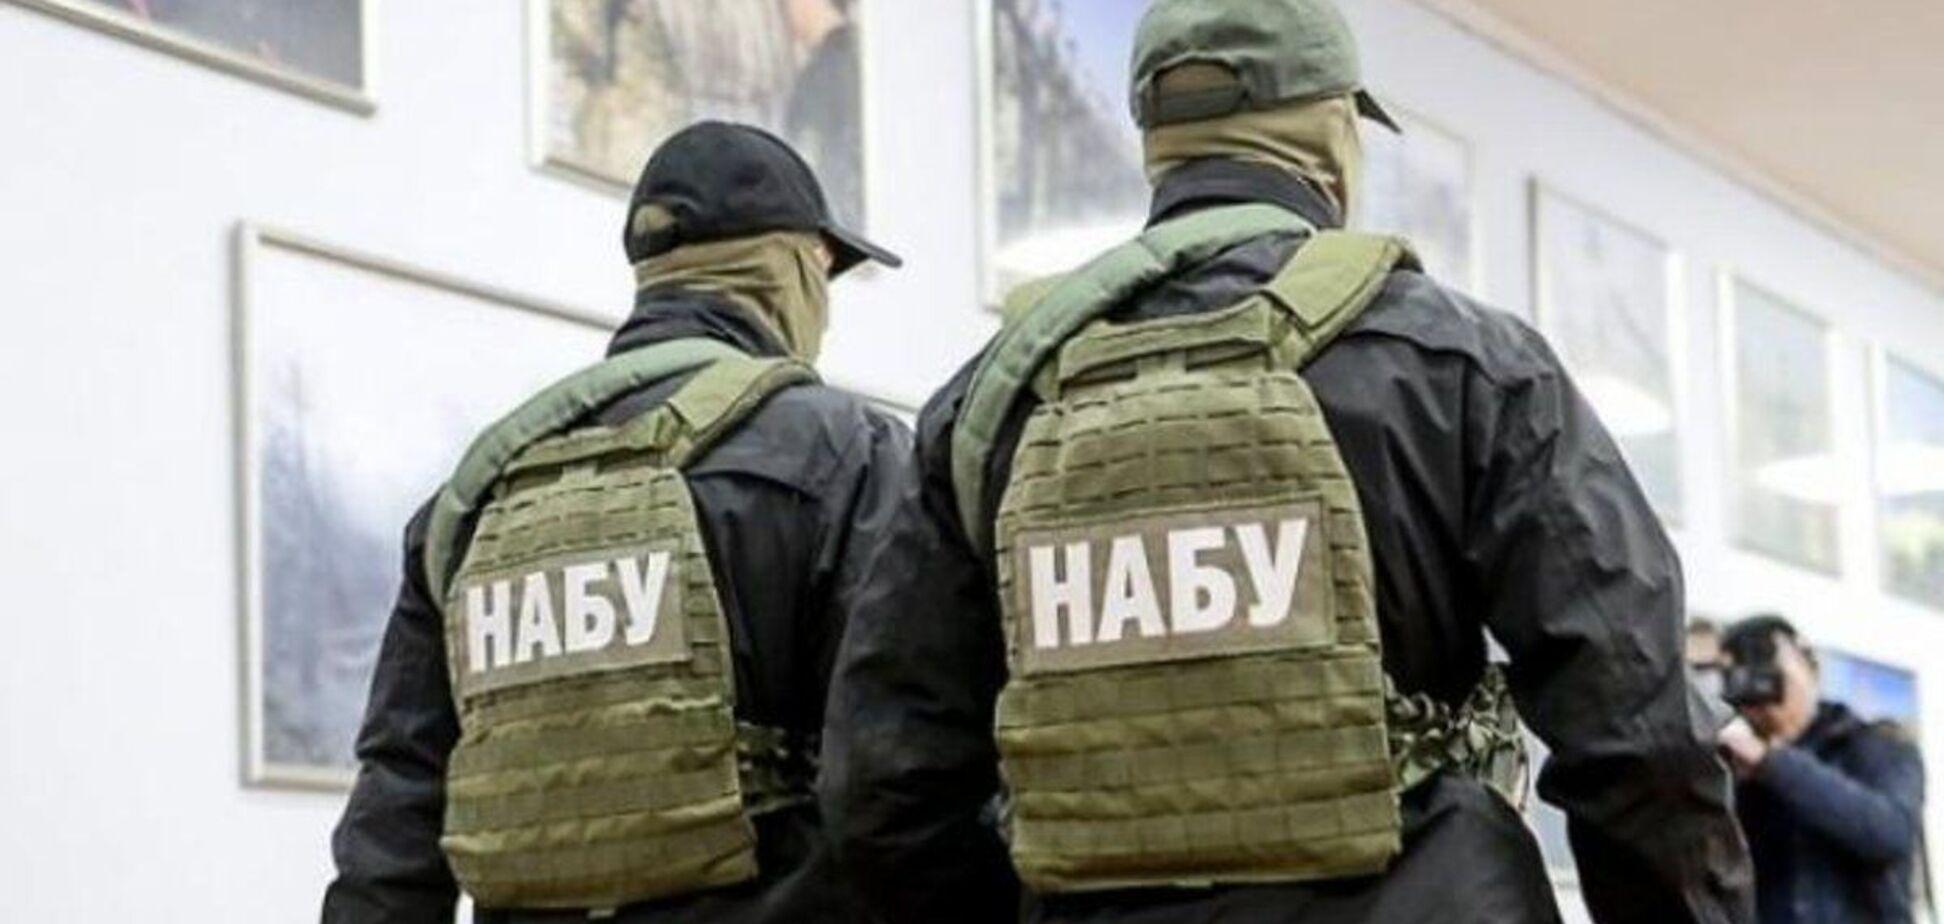 Детективы НАБУ задержали на взятке чиновника Госгеокадастра